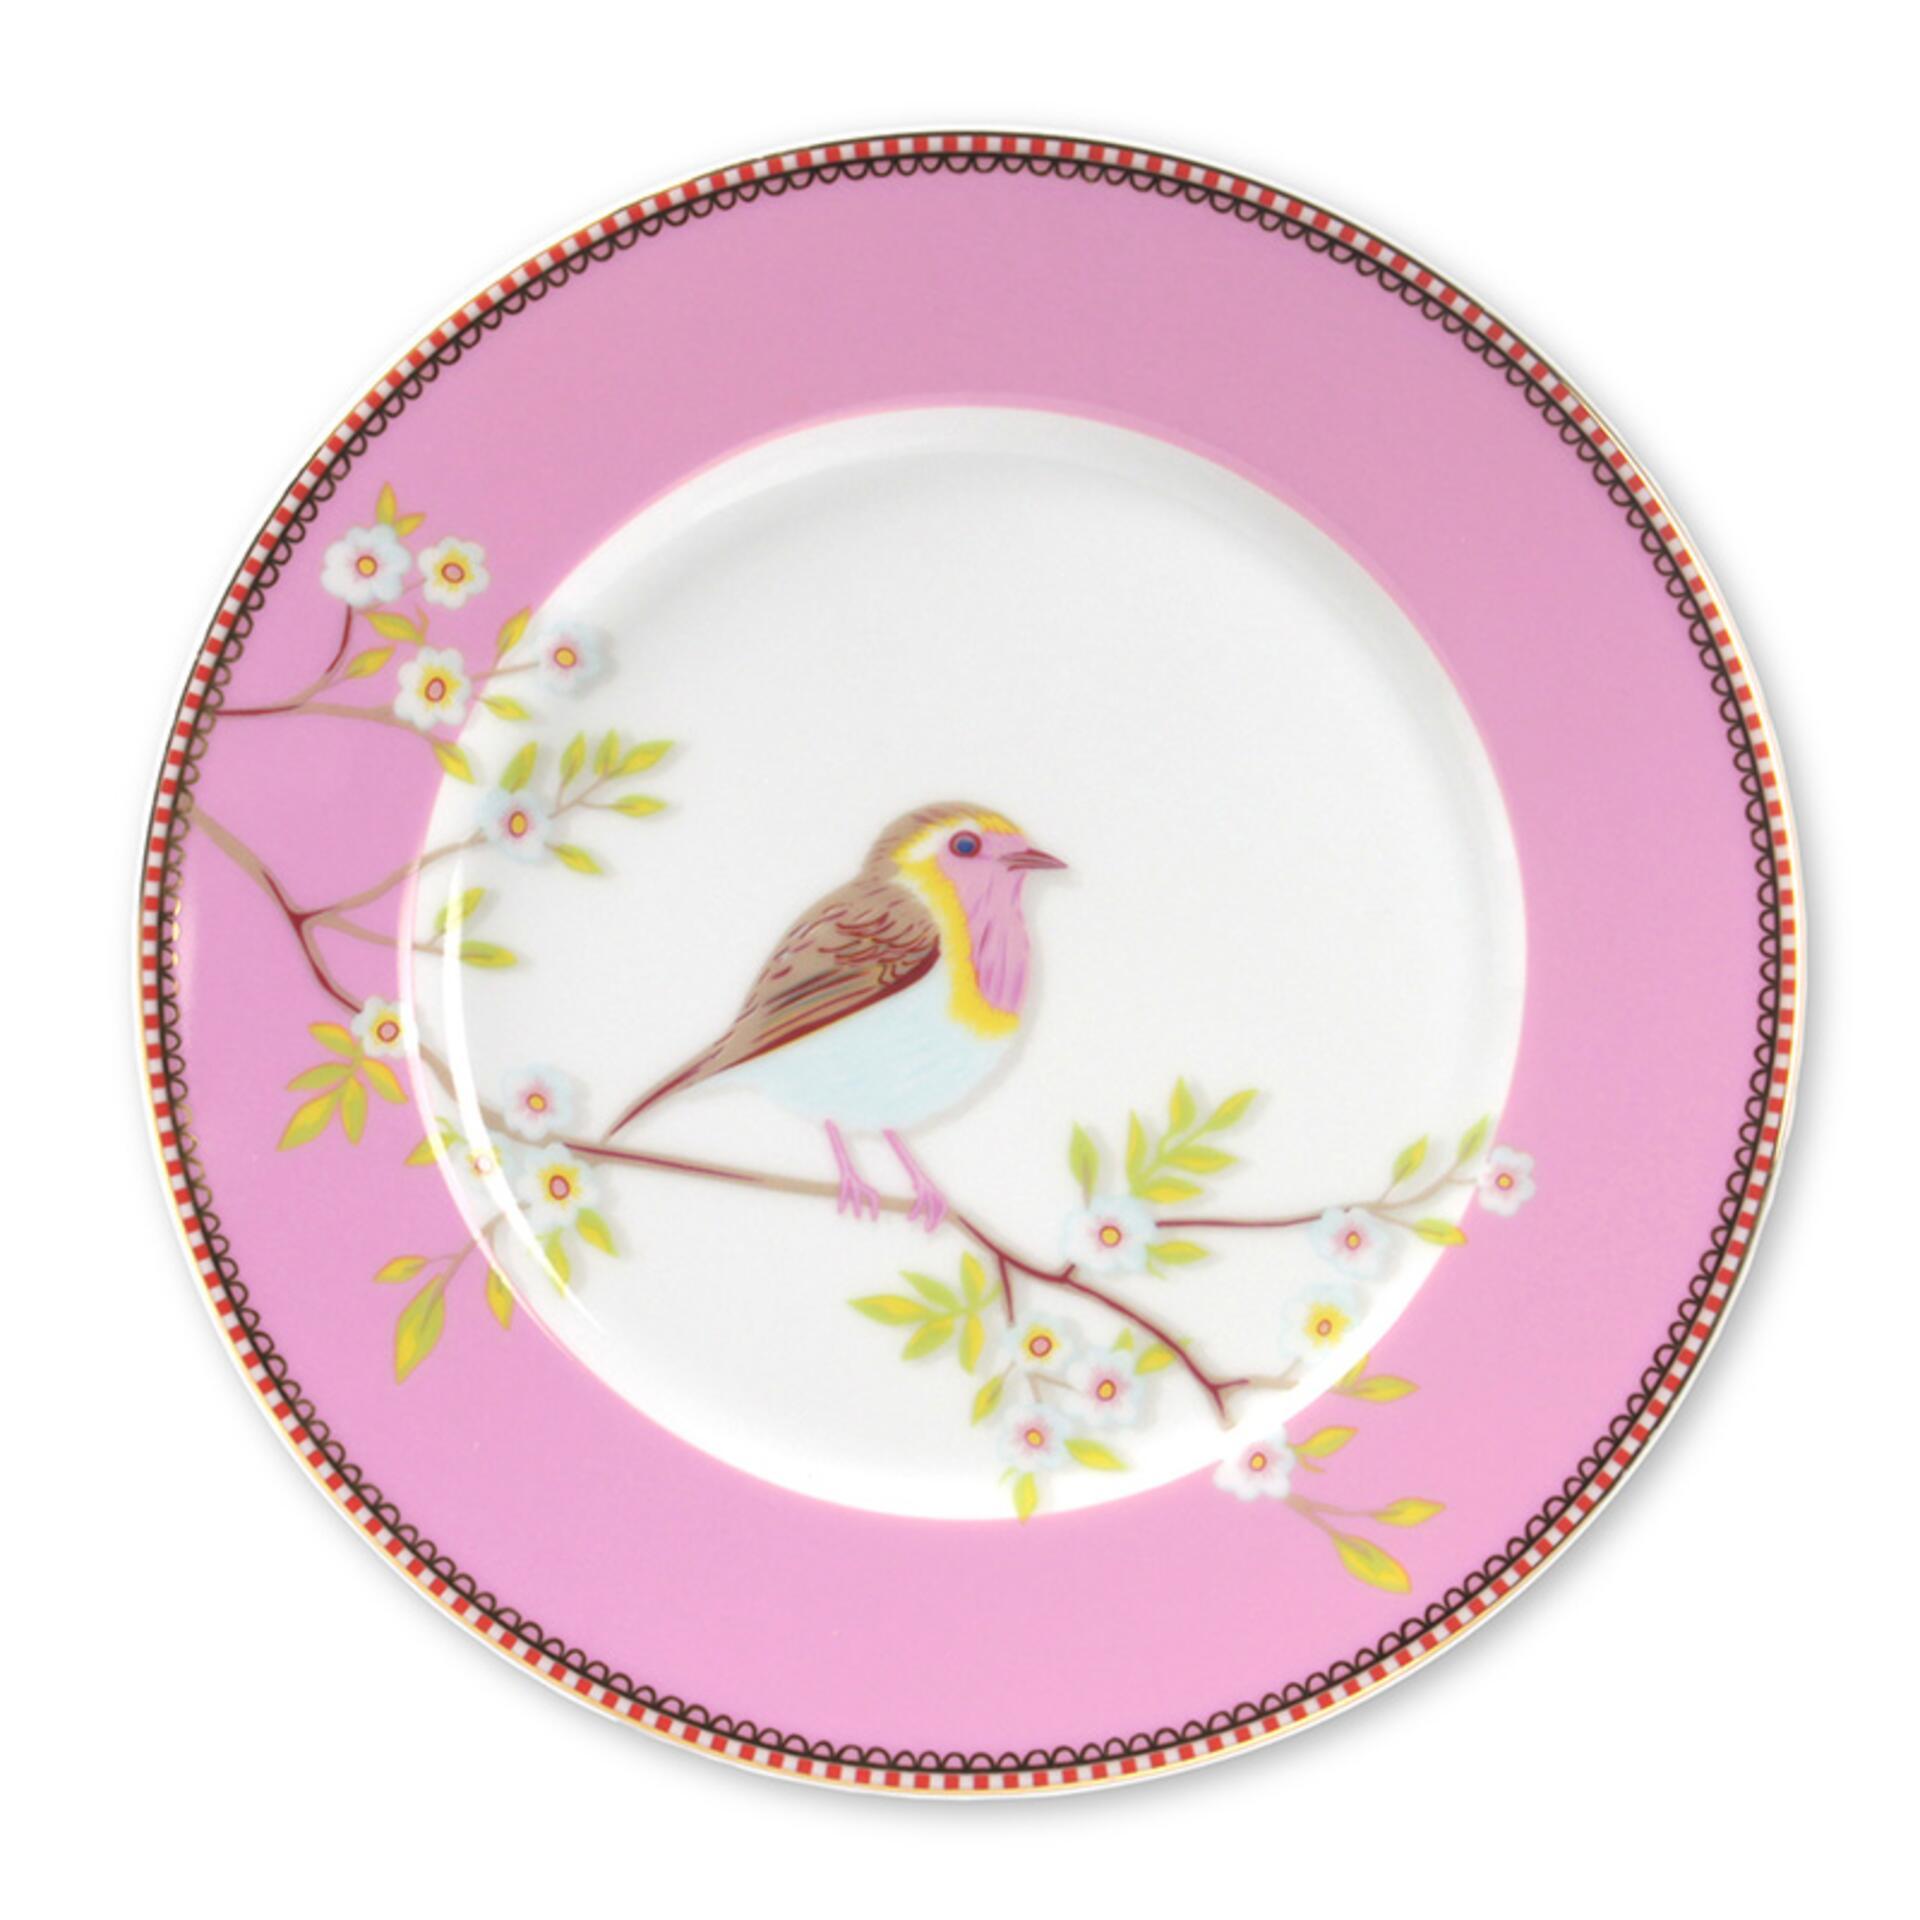 PiP Porzellan Frühstücksteller Early Bird Pink